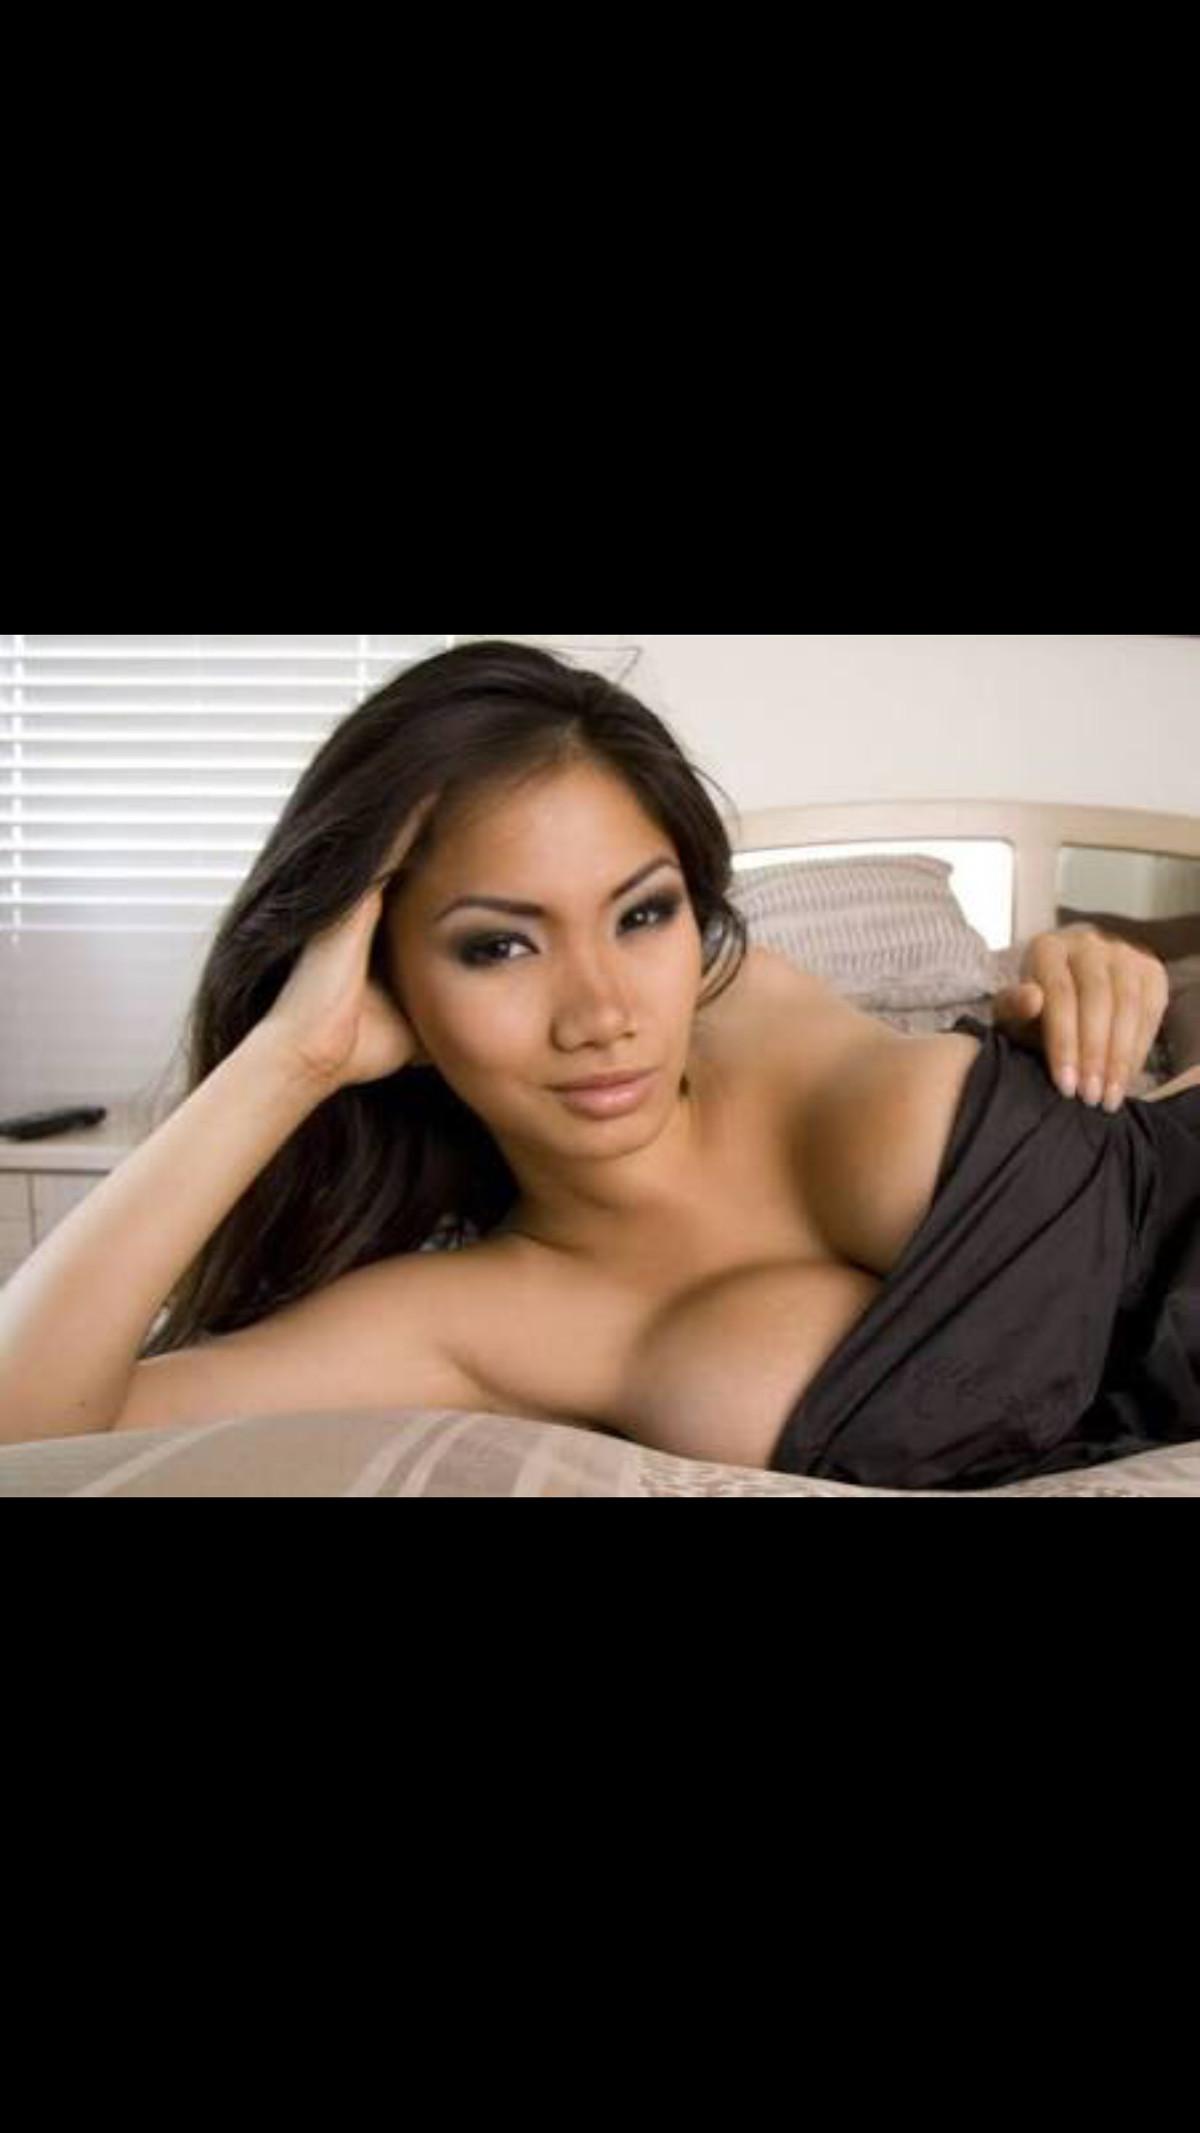 Sexy girl anal dildo